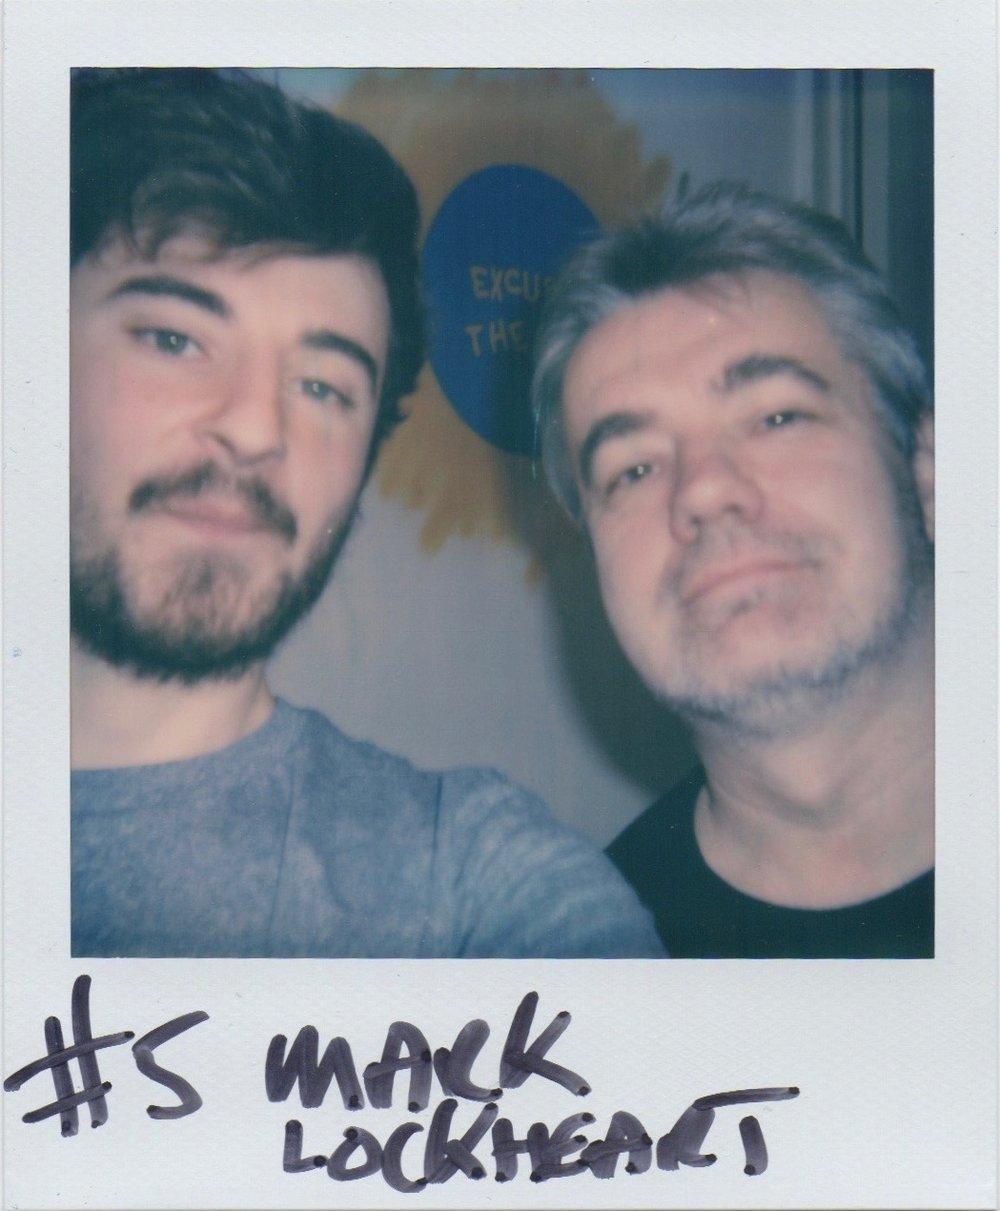 Episode 5 Mark Lockheart.jpg